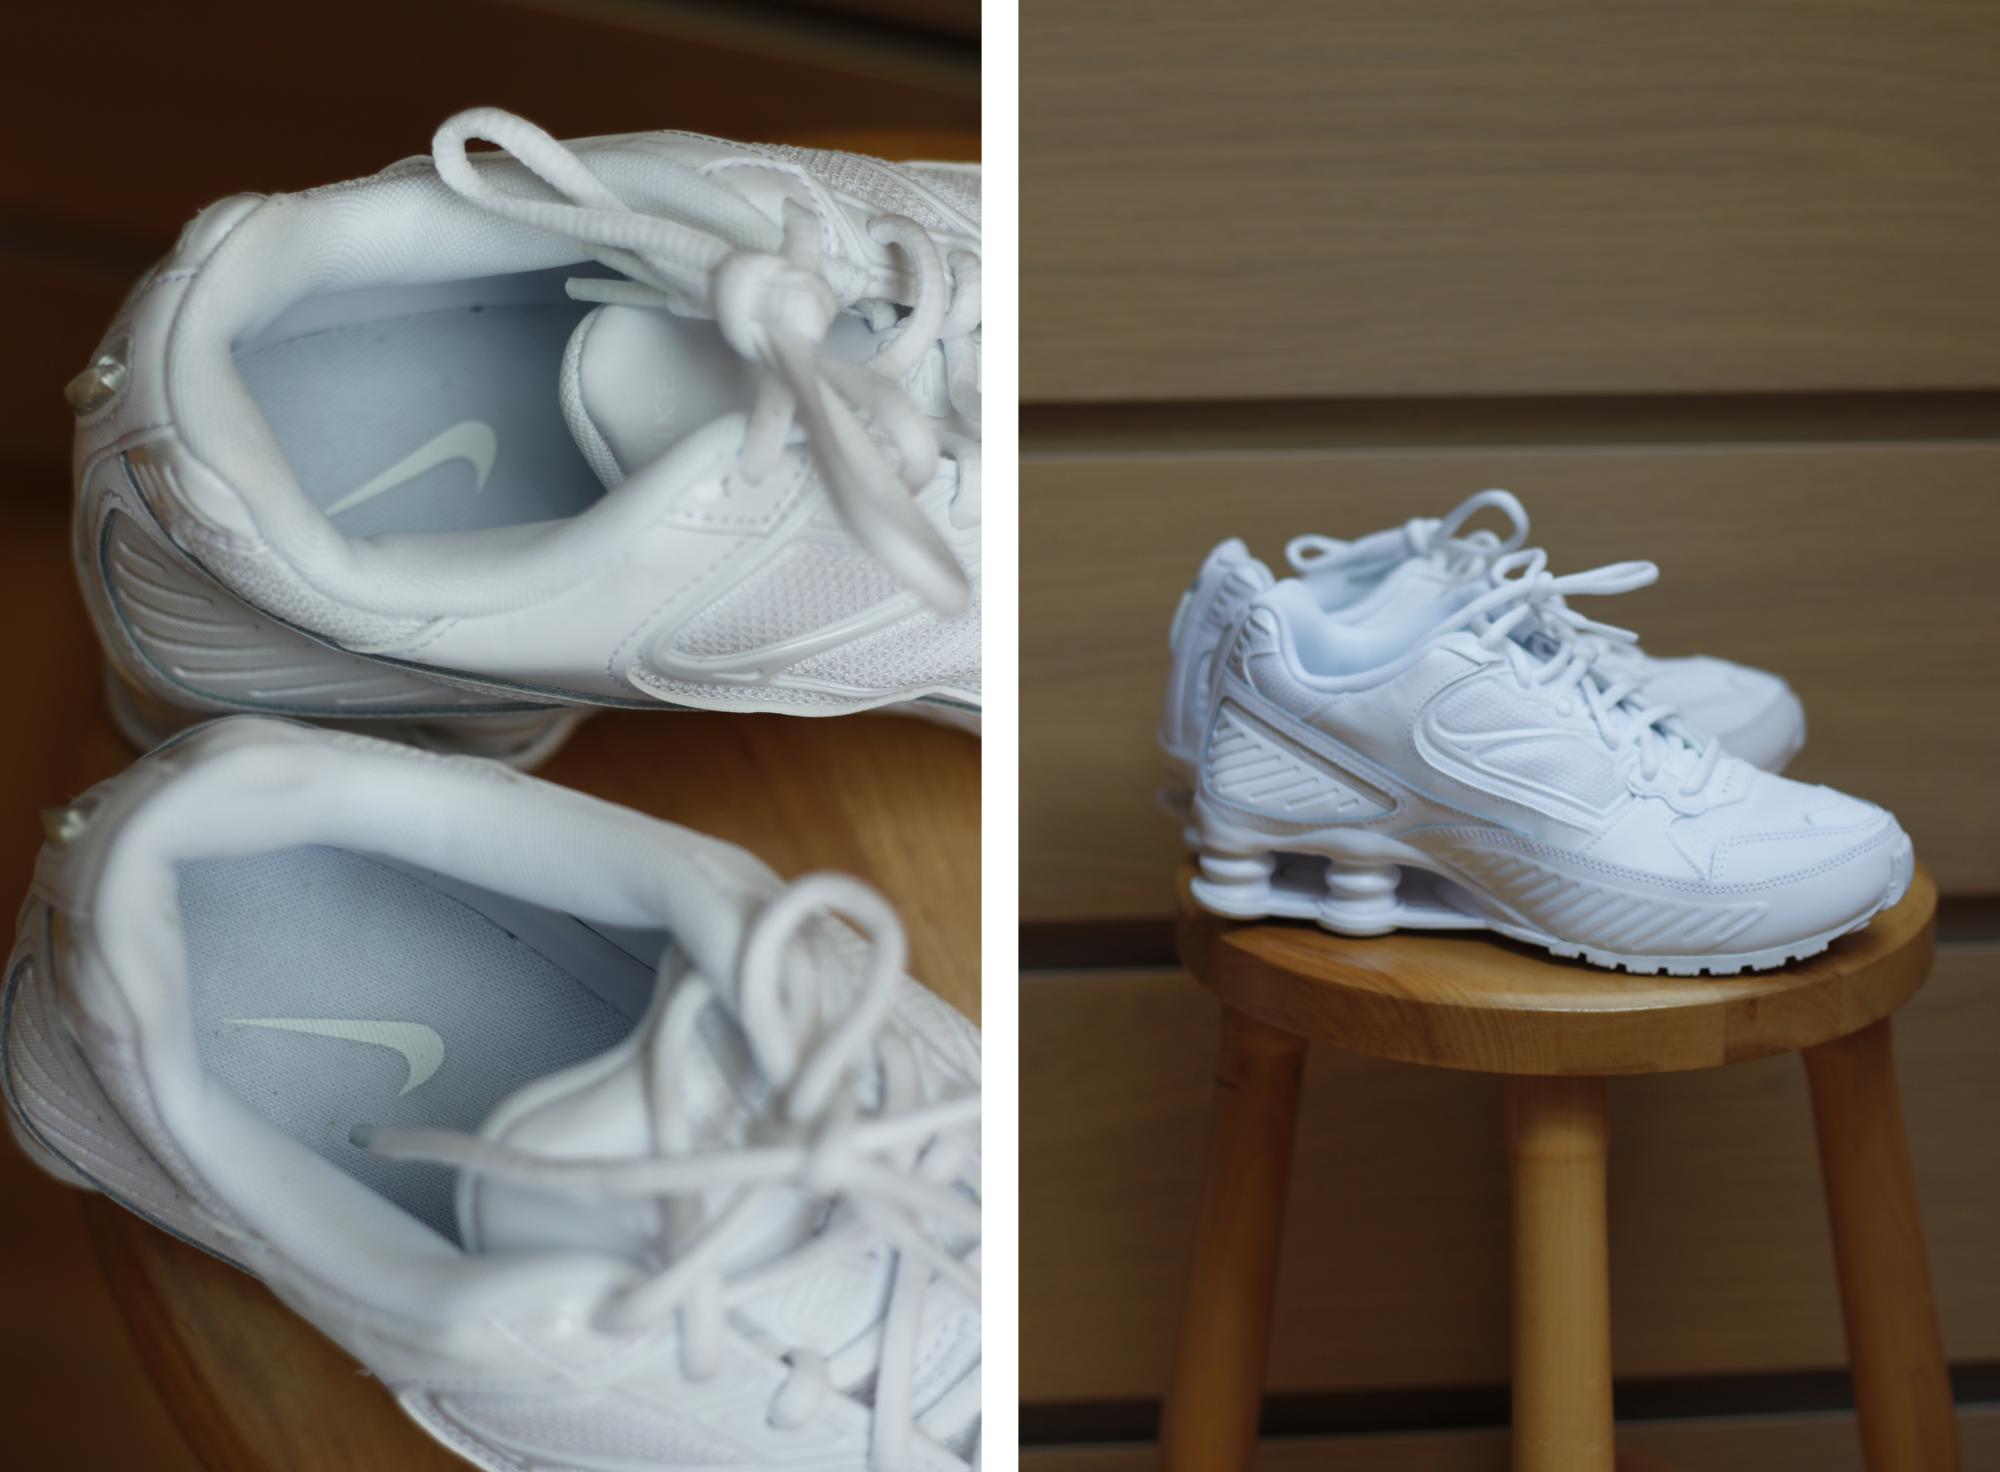 Nike Shox Enigma 9000 recenzja bieganie jak zaczęłam lubić sport